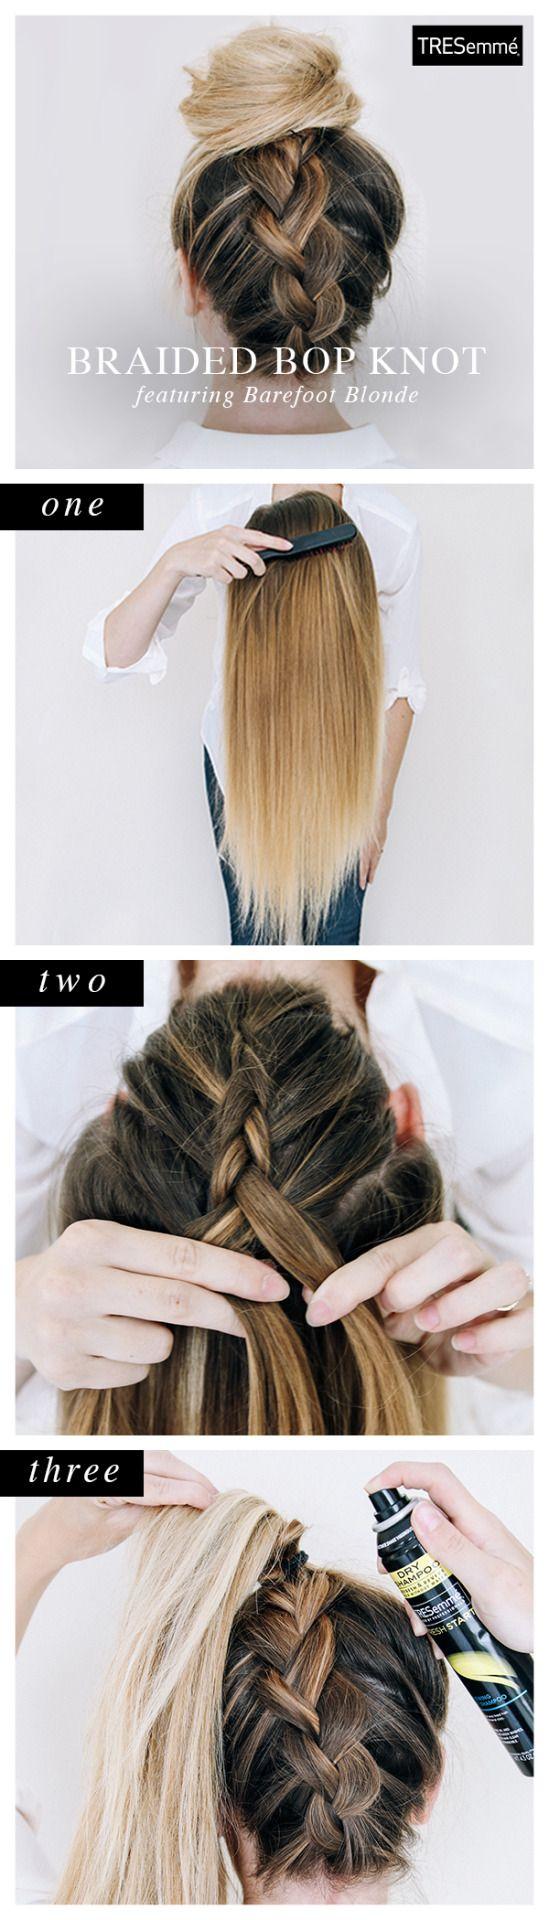 hair tutorials -step step